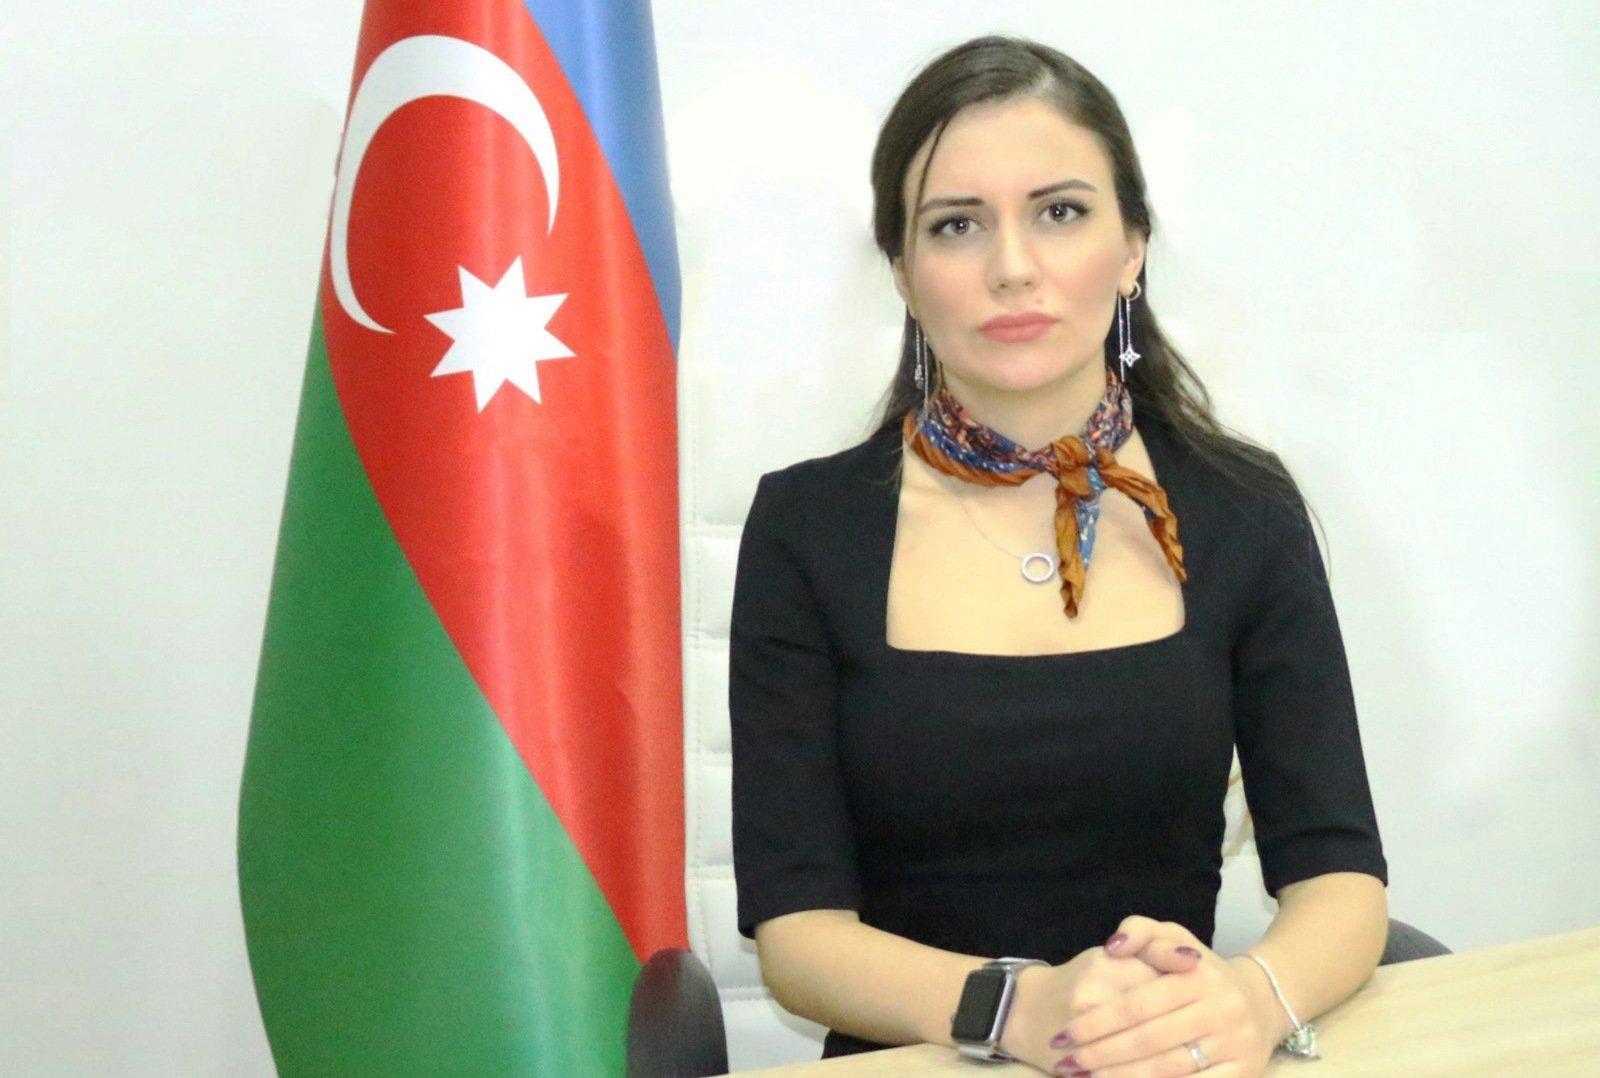 Rəvanə Əliyeva